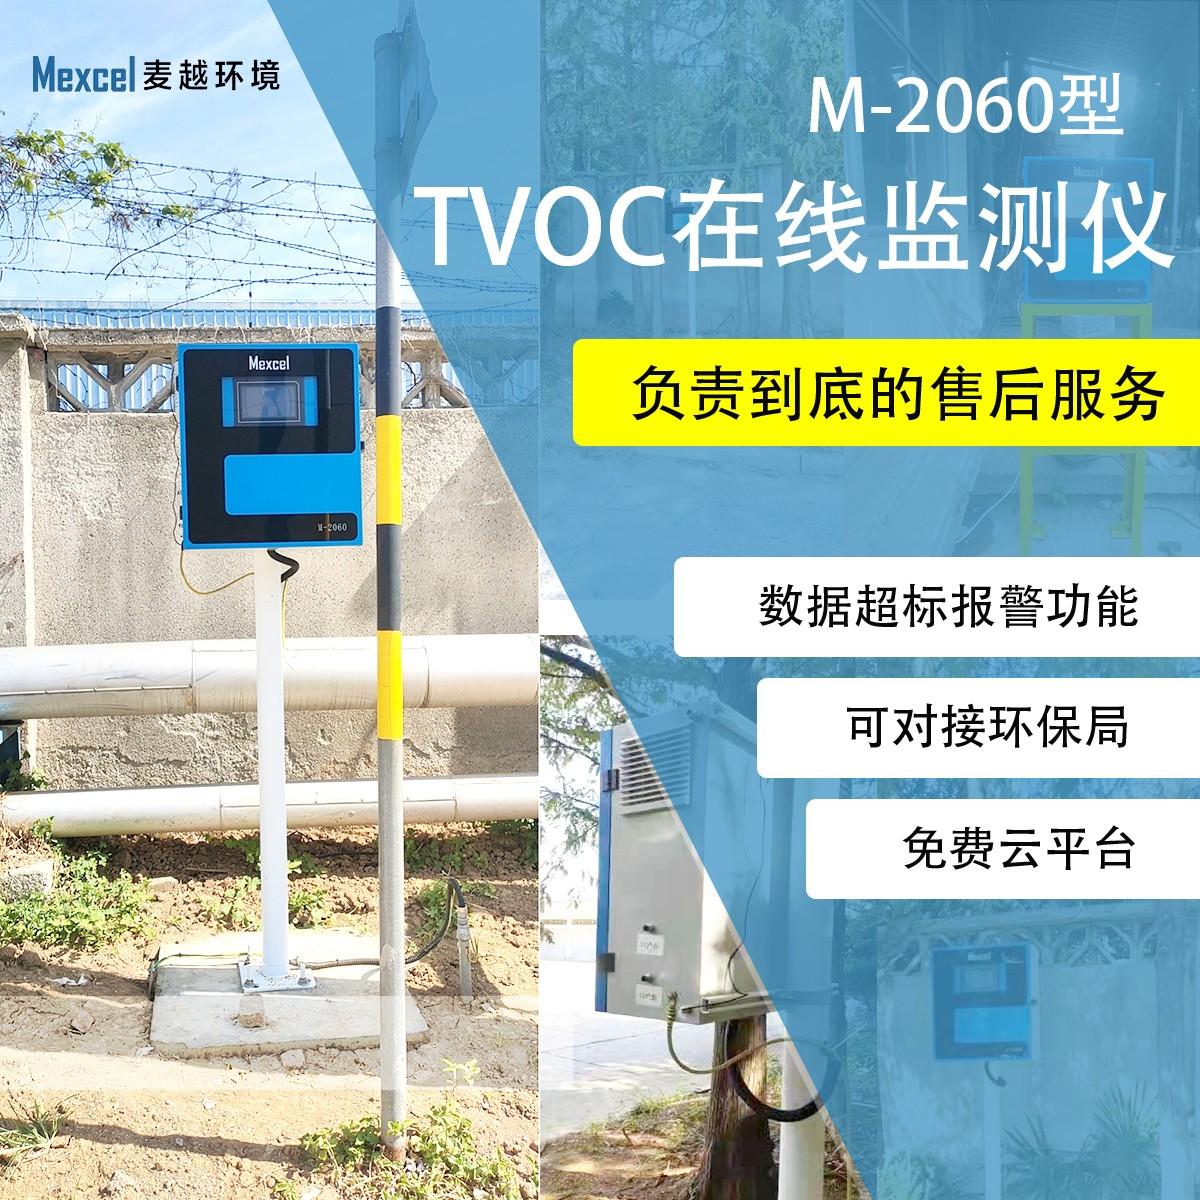 微信图片_20210924094850.jpg